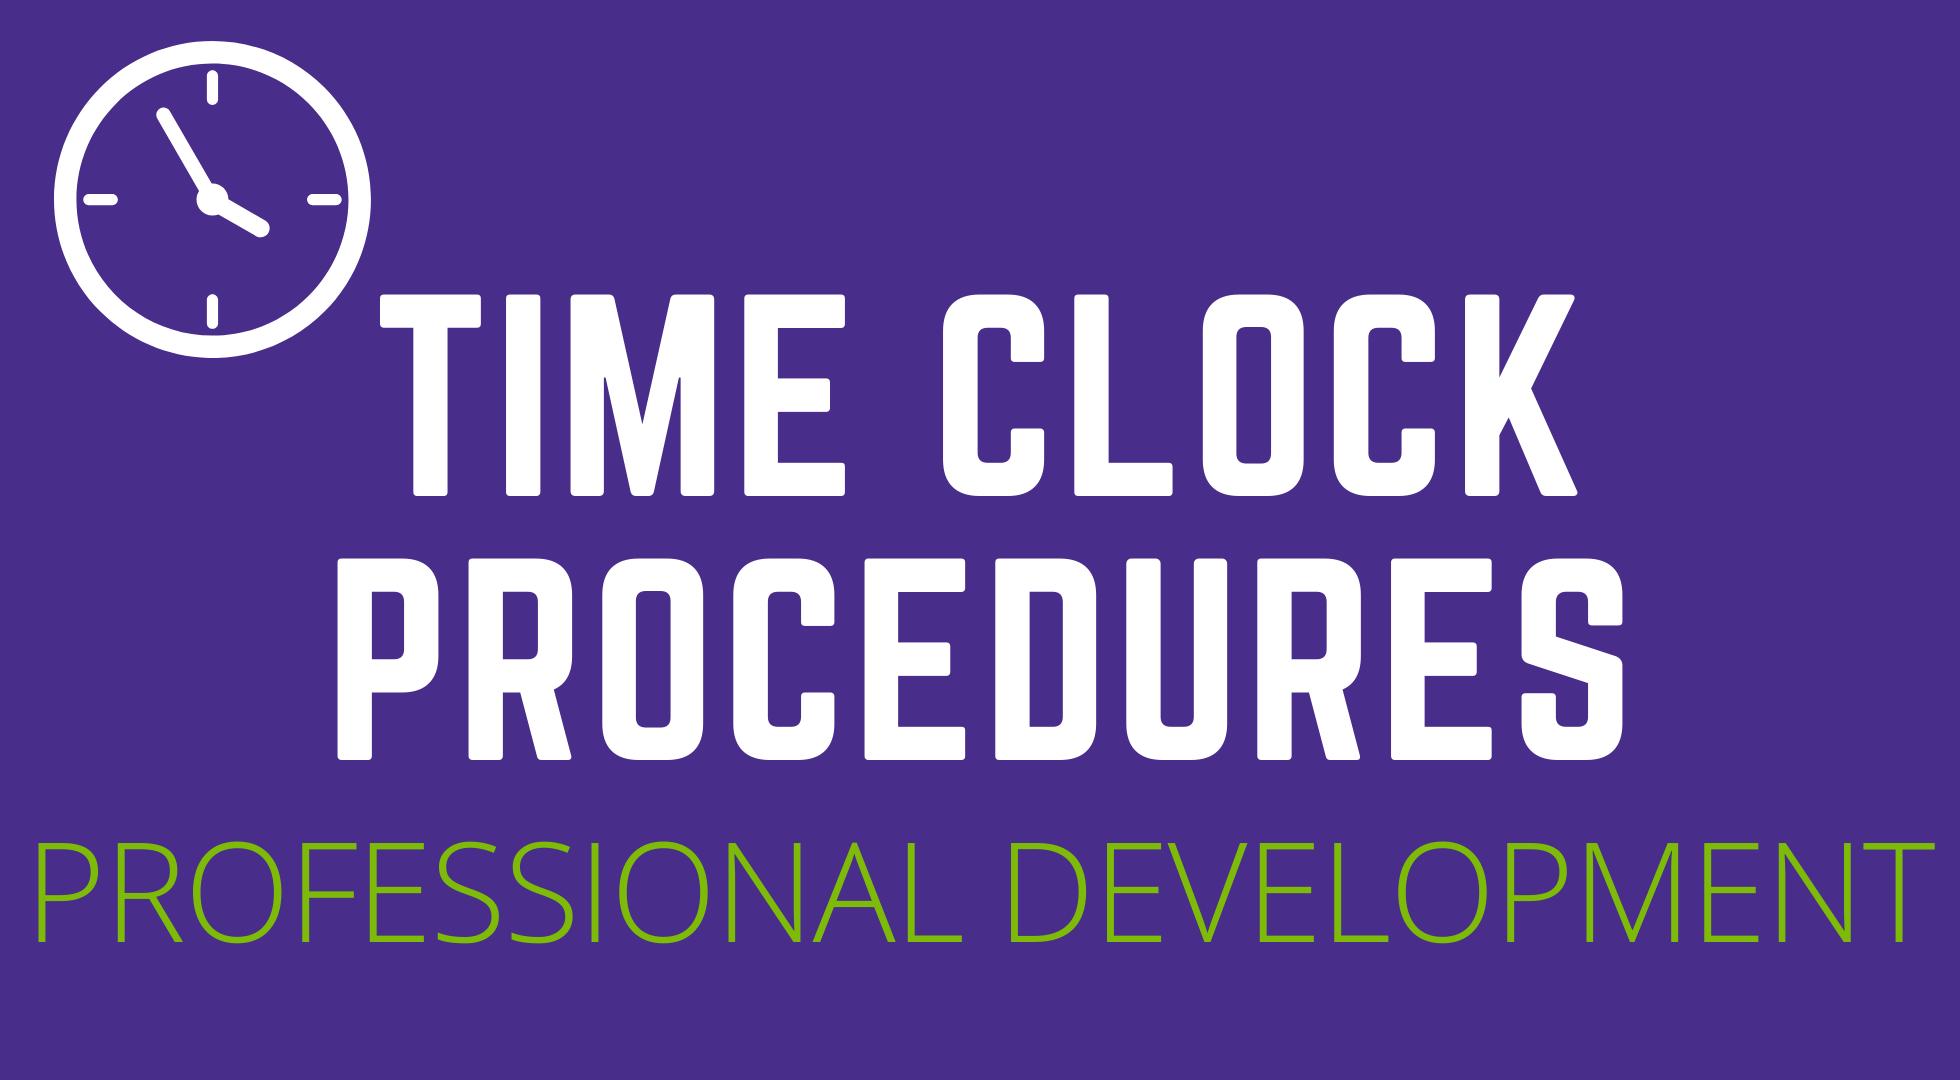 Time Clock Procedures